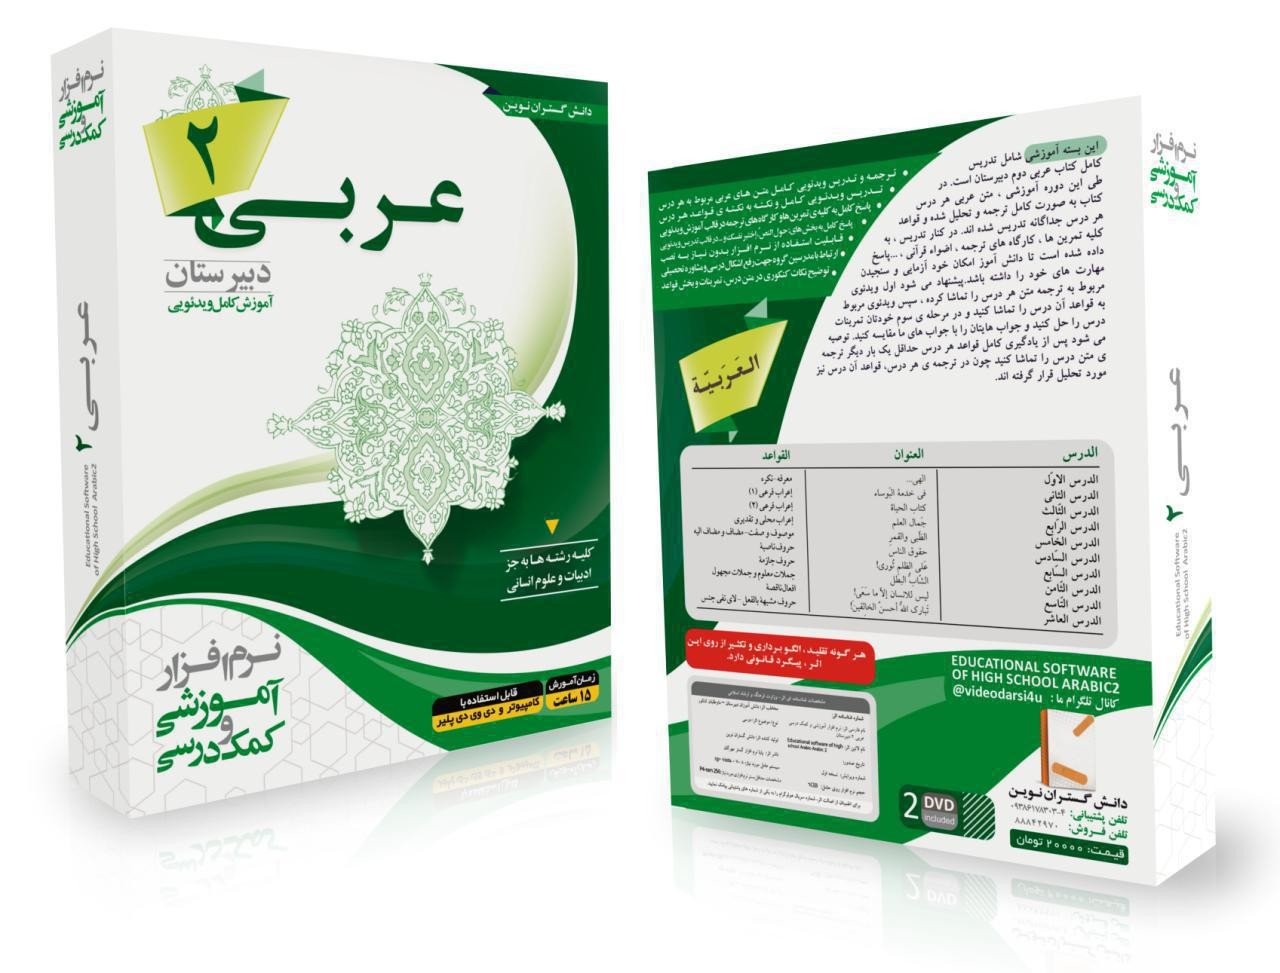 جزوه تایپ شده، رنگی و مصور ترجمه متون و قواعد عربی دوم دبیرستان